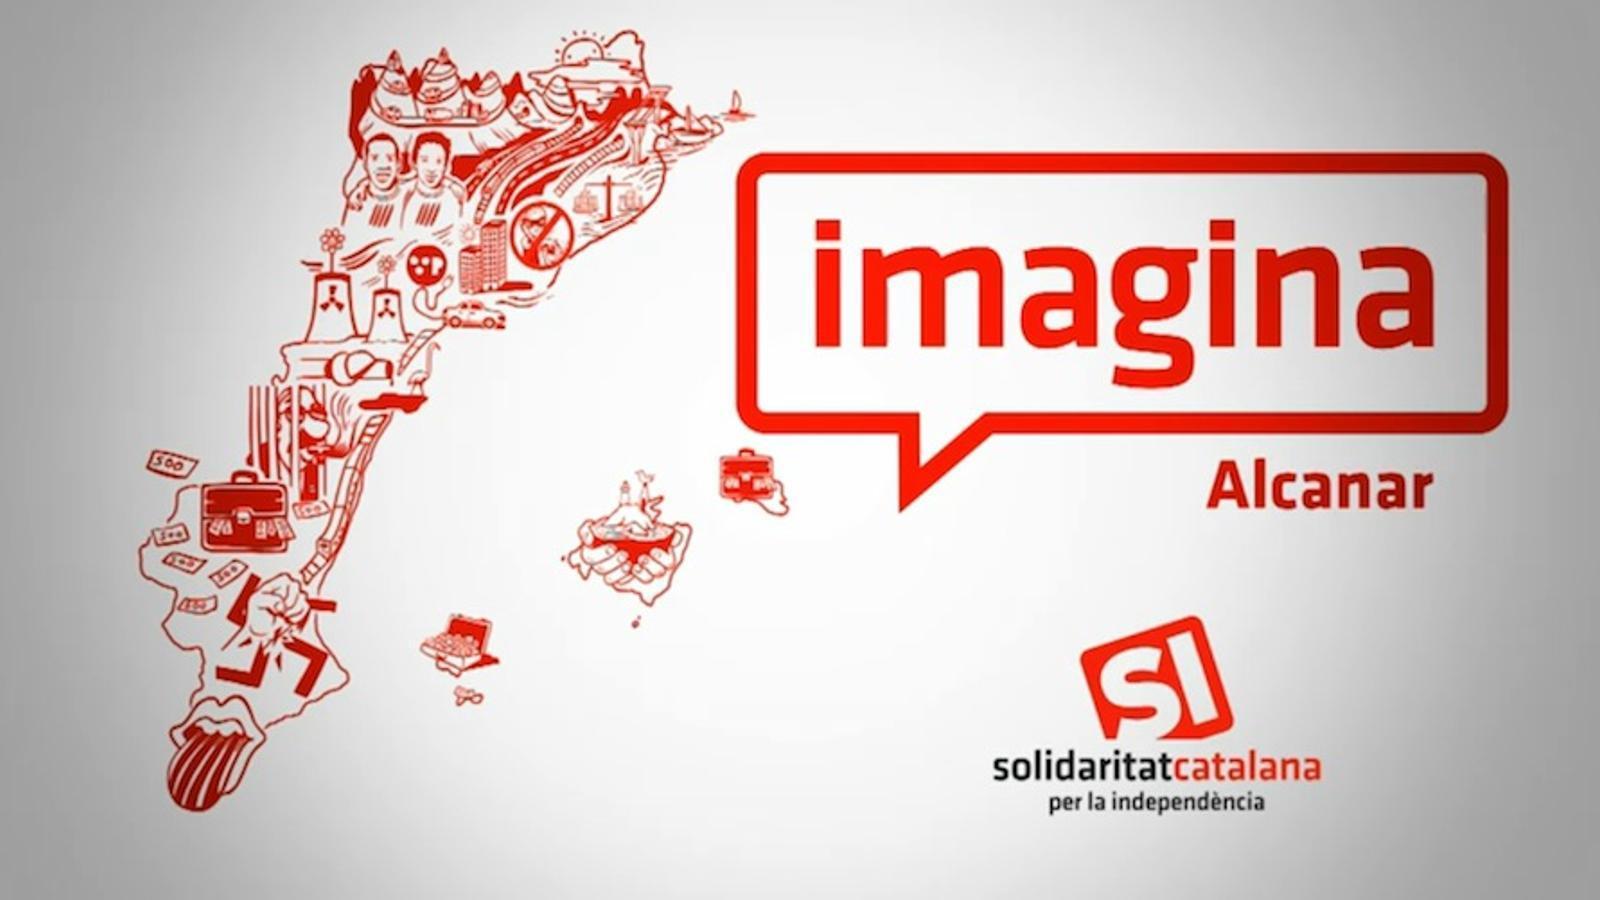 'Imagina el teu municipi', vídeo electoral de Solidaritat Catalana